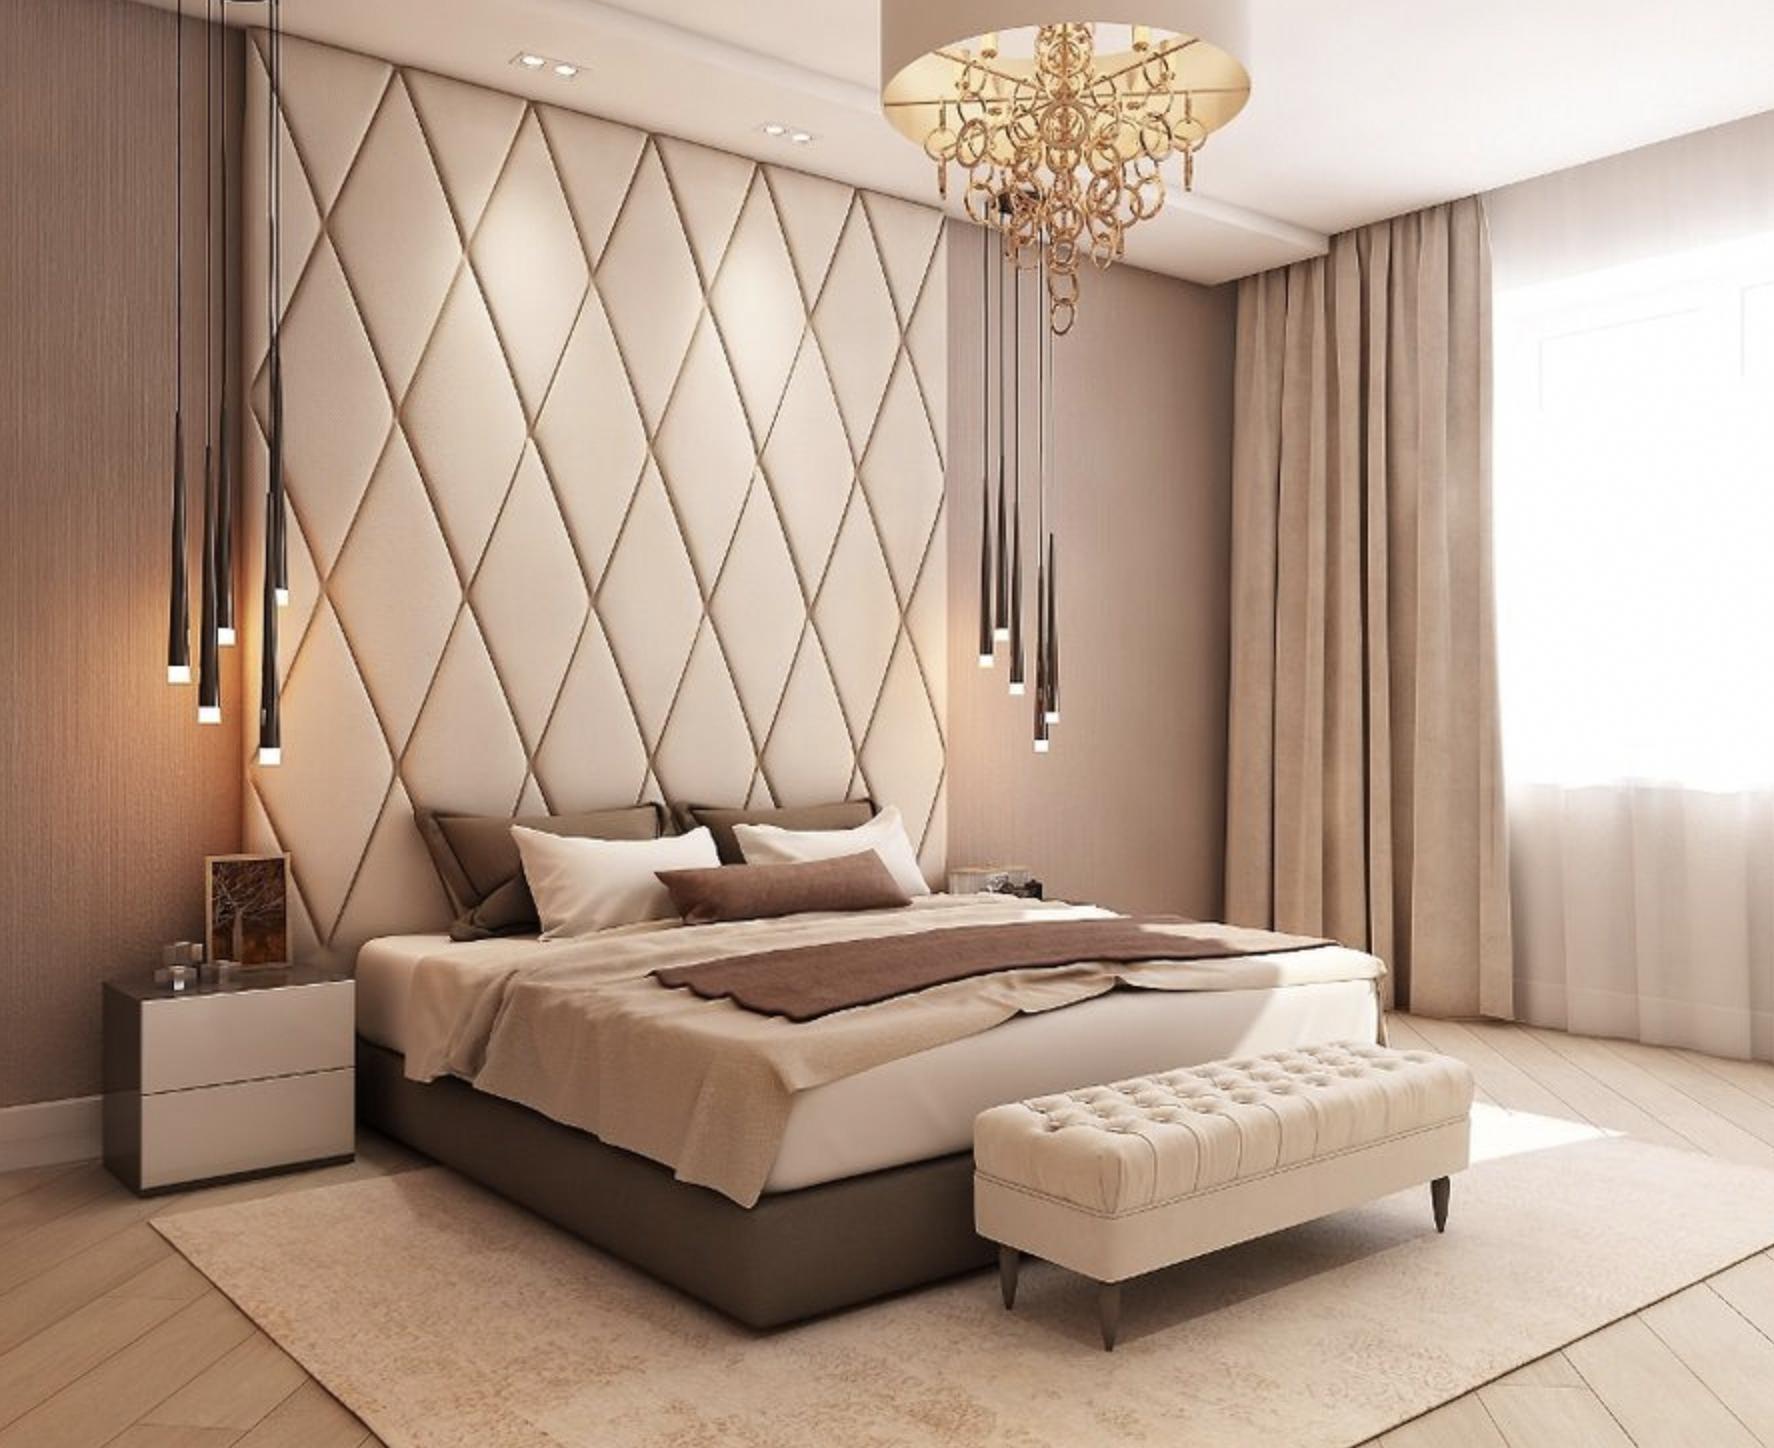 35 luxuriöses schlafzimmer ideen und modelle #luxus